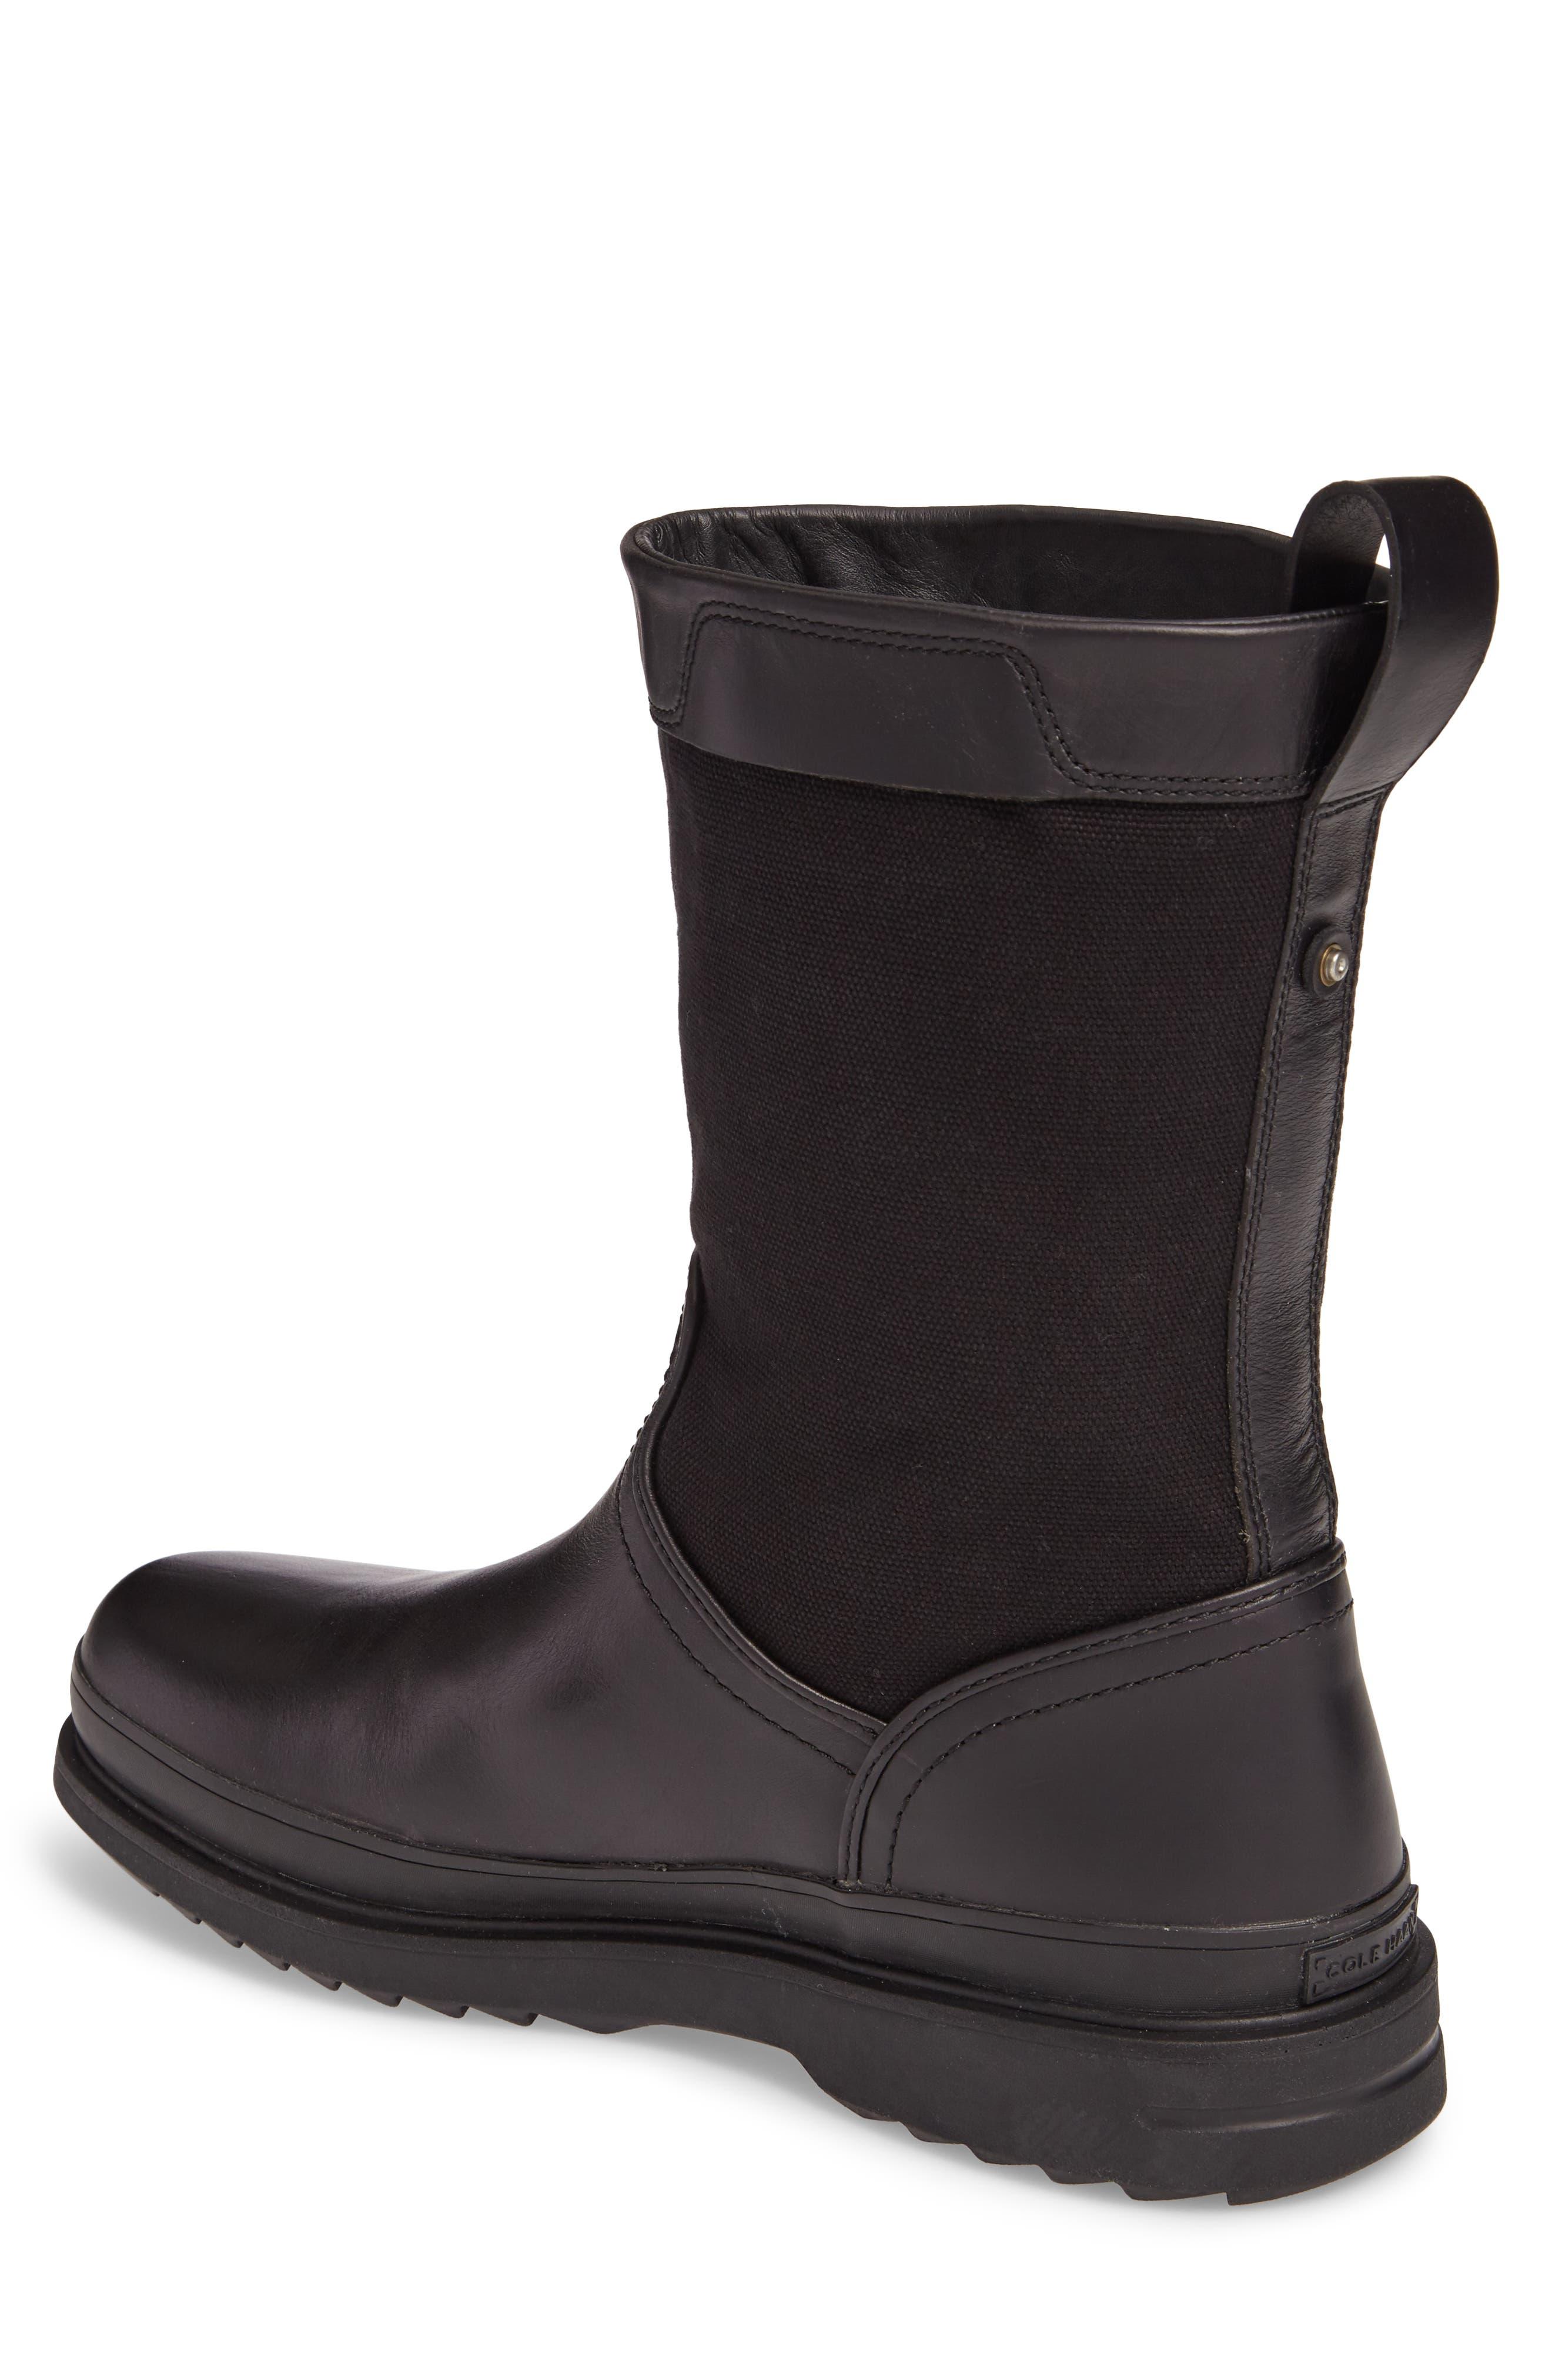 Alternate Image 2  - Cole Haan Millbridge Waterproof Boot (Women)